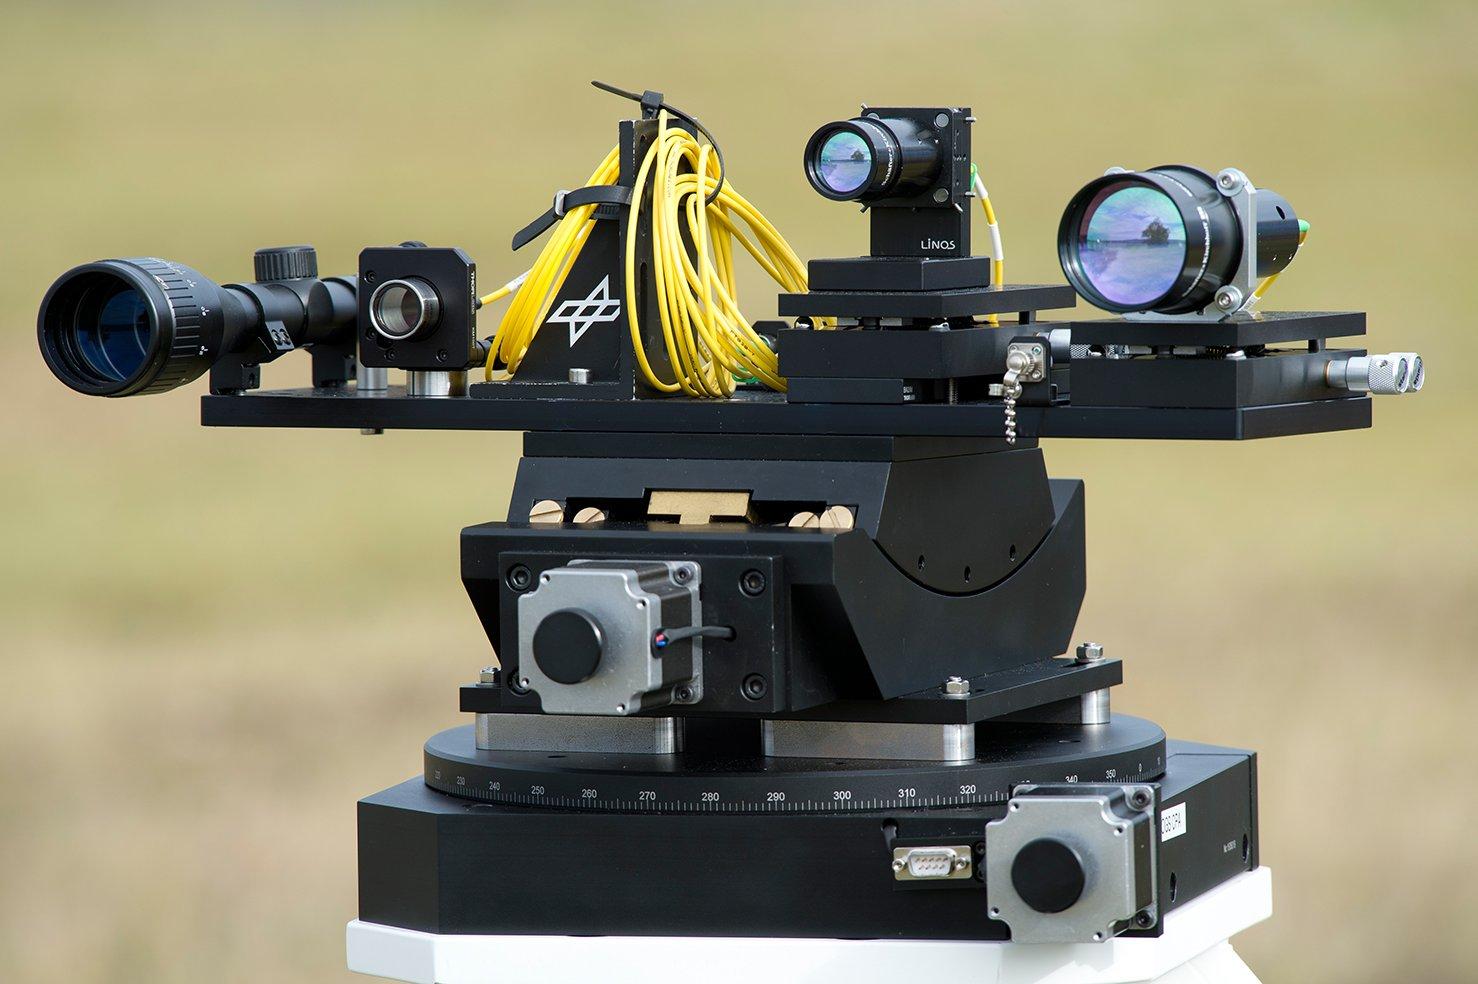 Das vom DLR entwickelte Sendeterminal namens Thruststand beim Weltrekordversuch mehr als zehn Kilometer entfernt vom Empfänger.